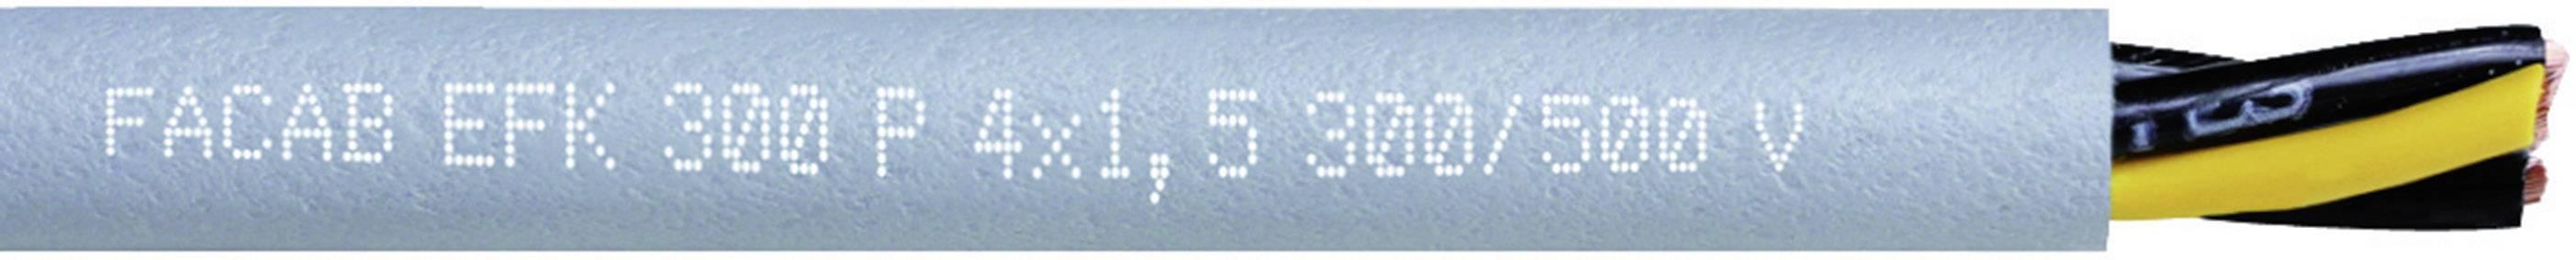 Tažný kabel Faber Kabel EFK 300 P AD300 - SCHLEPPLTG. TPE/PUR (032521), 7x 0,5 mm², polyurethan, Ø 7,4 mm, nes